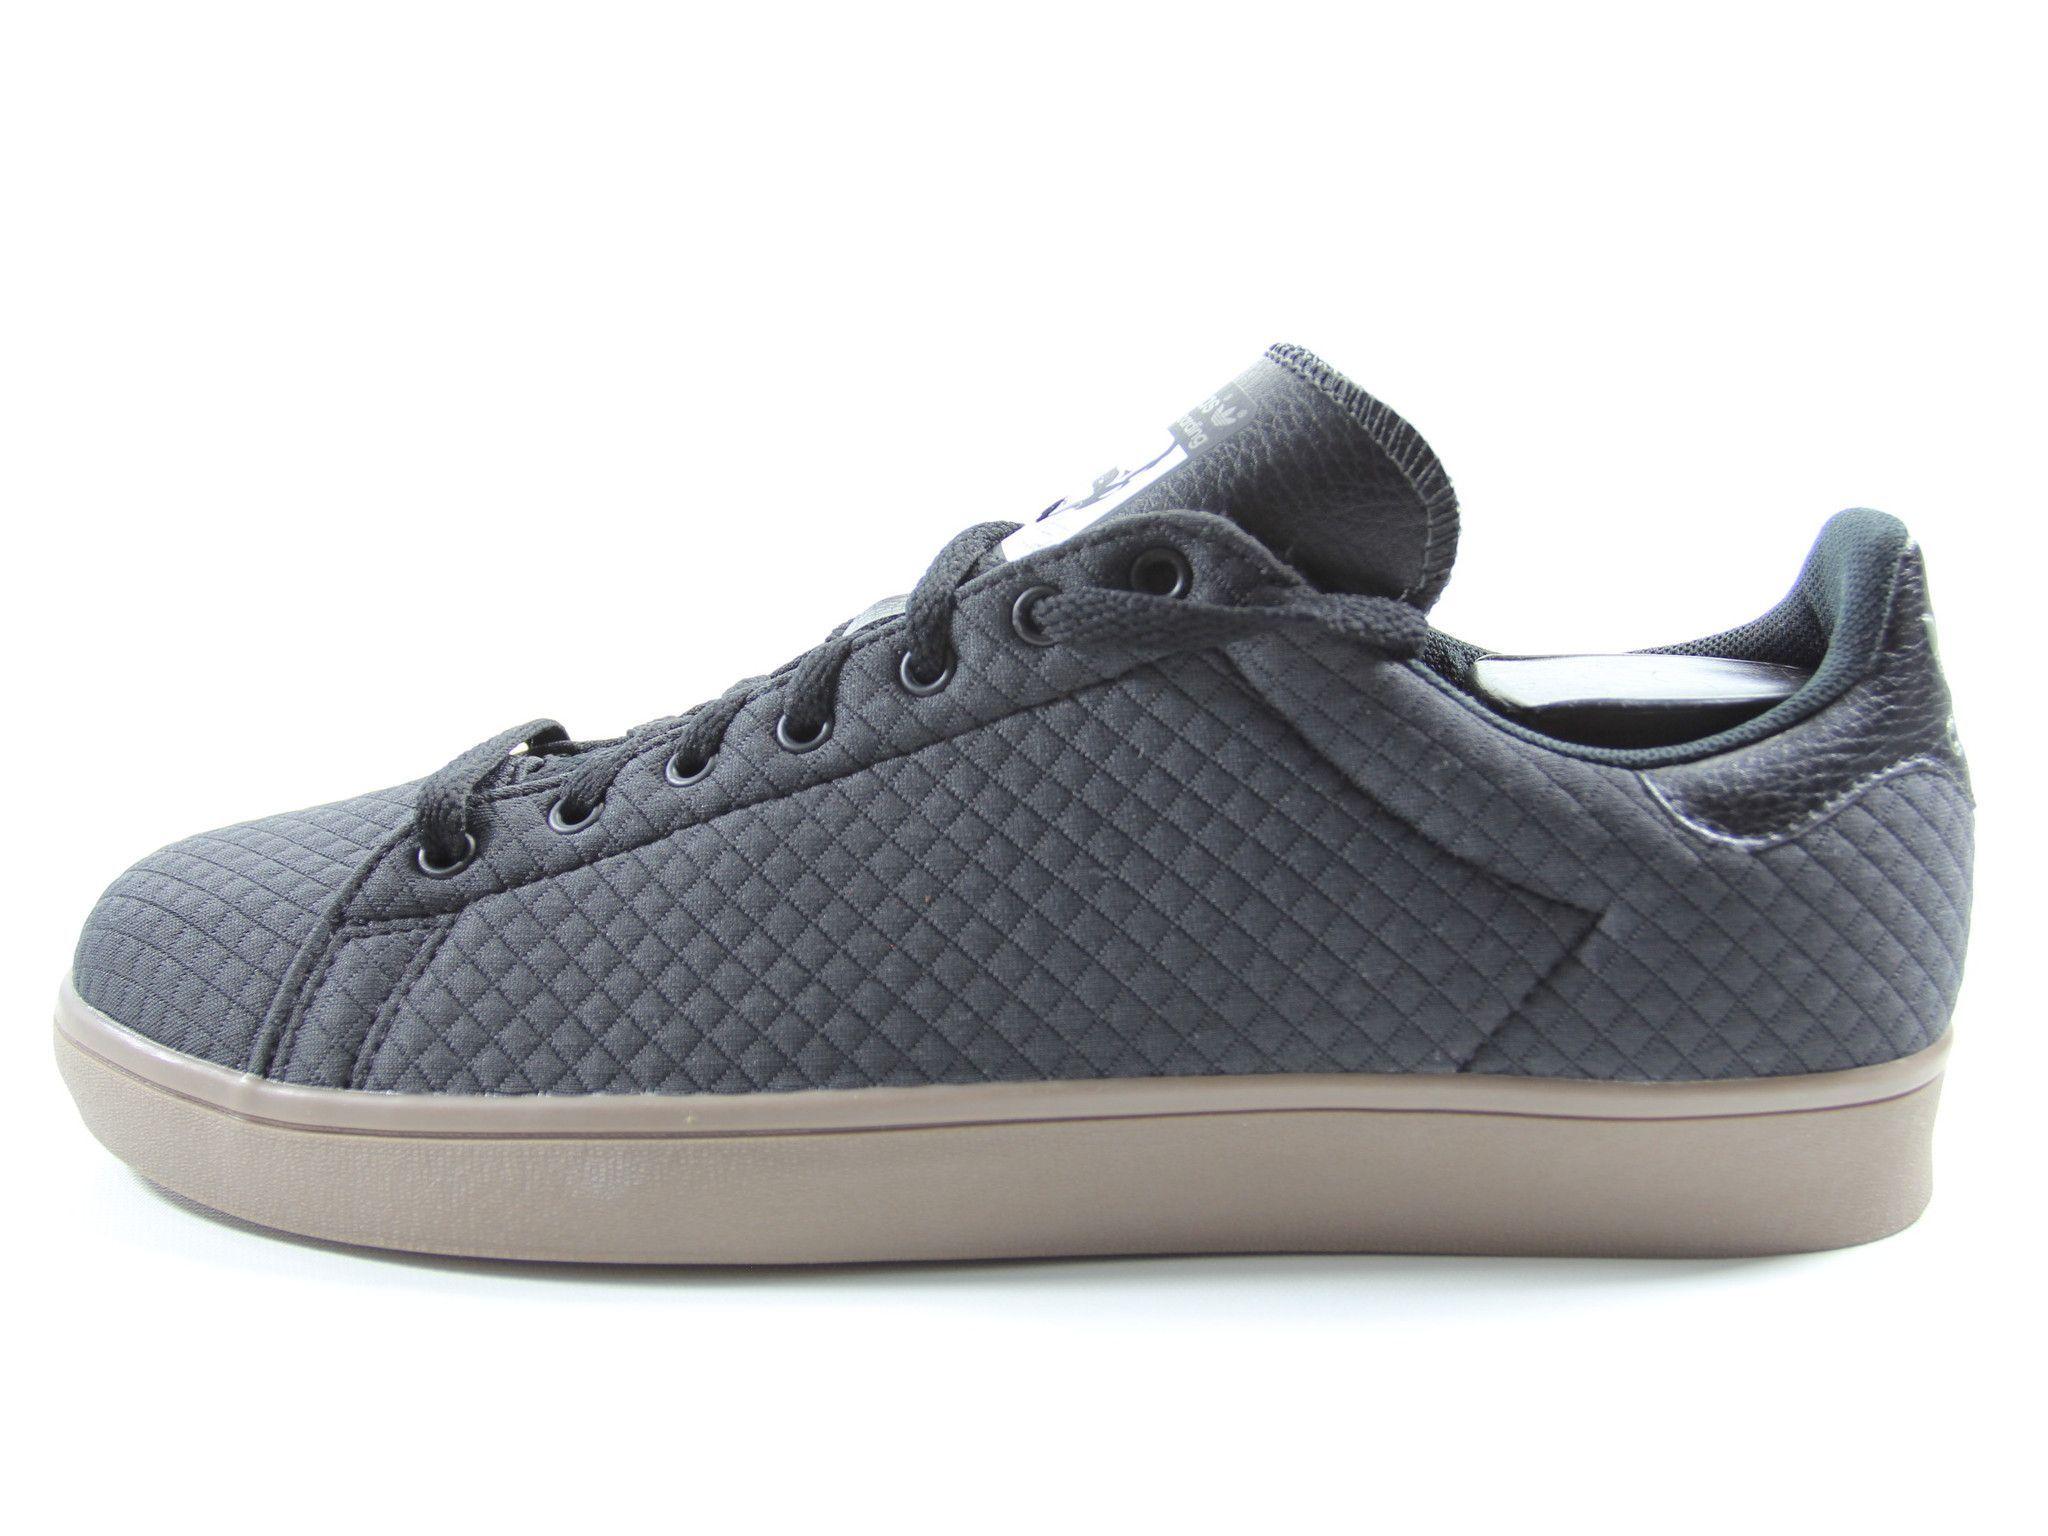 Adidas Stan Smith Black Gum Sole